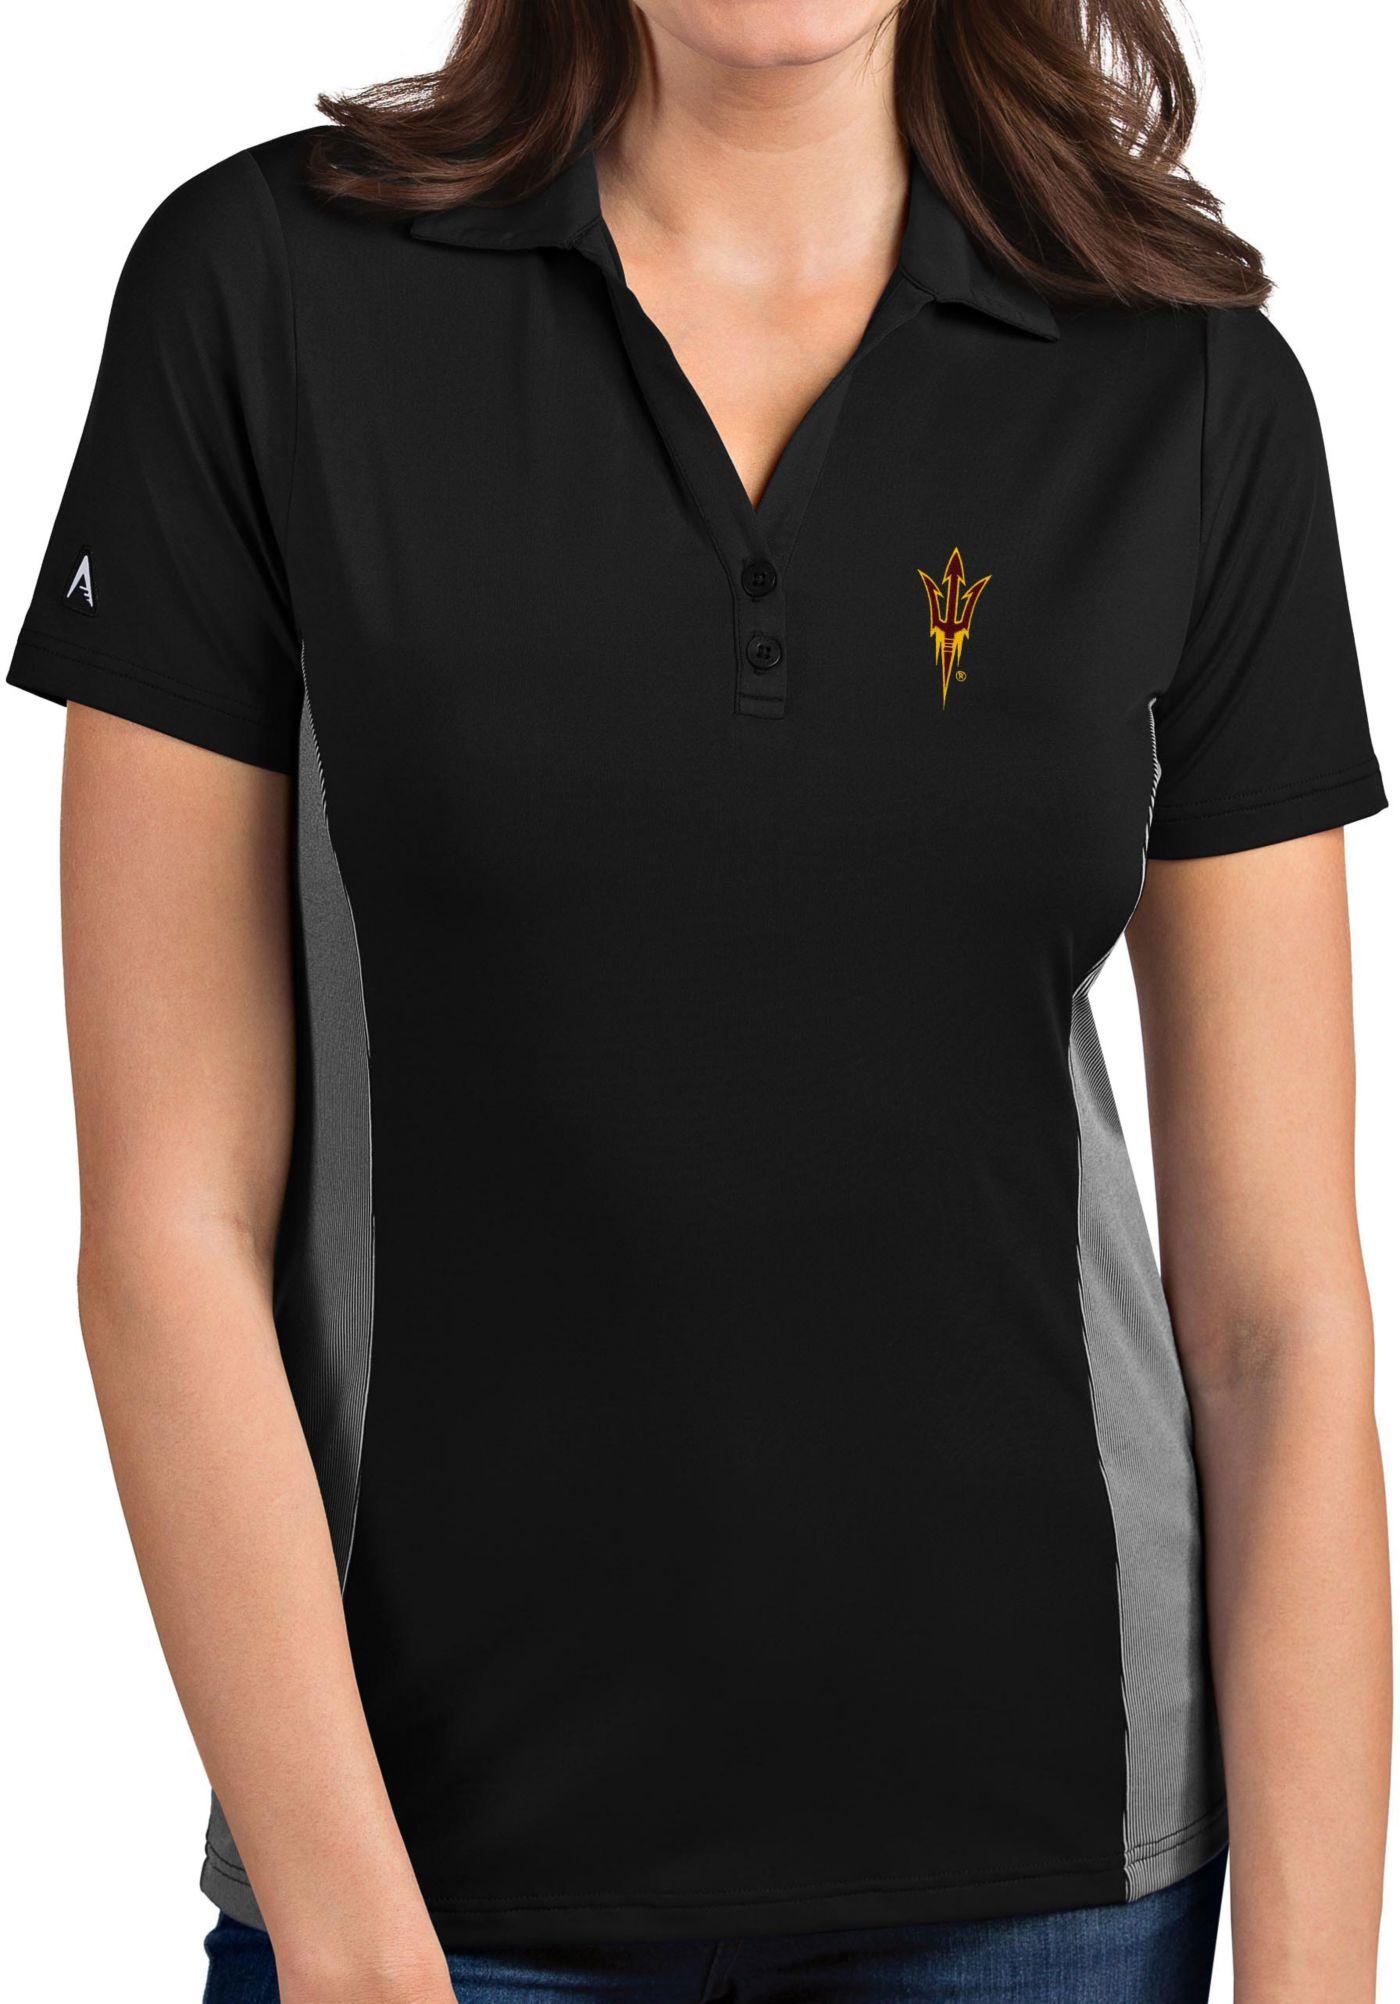 Antigua Women's Arizona State Sun Devils Venture Black Polo